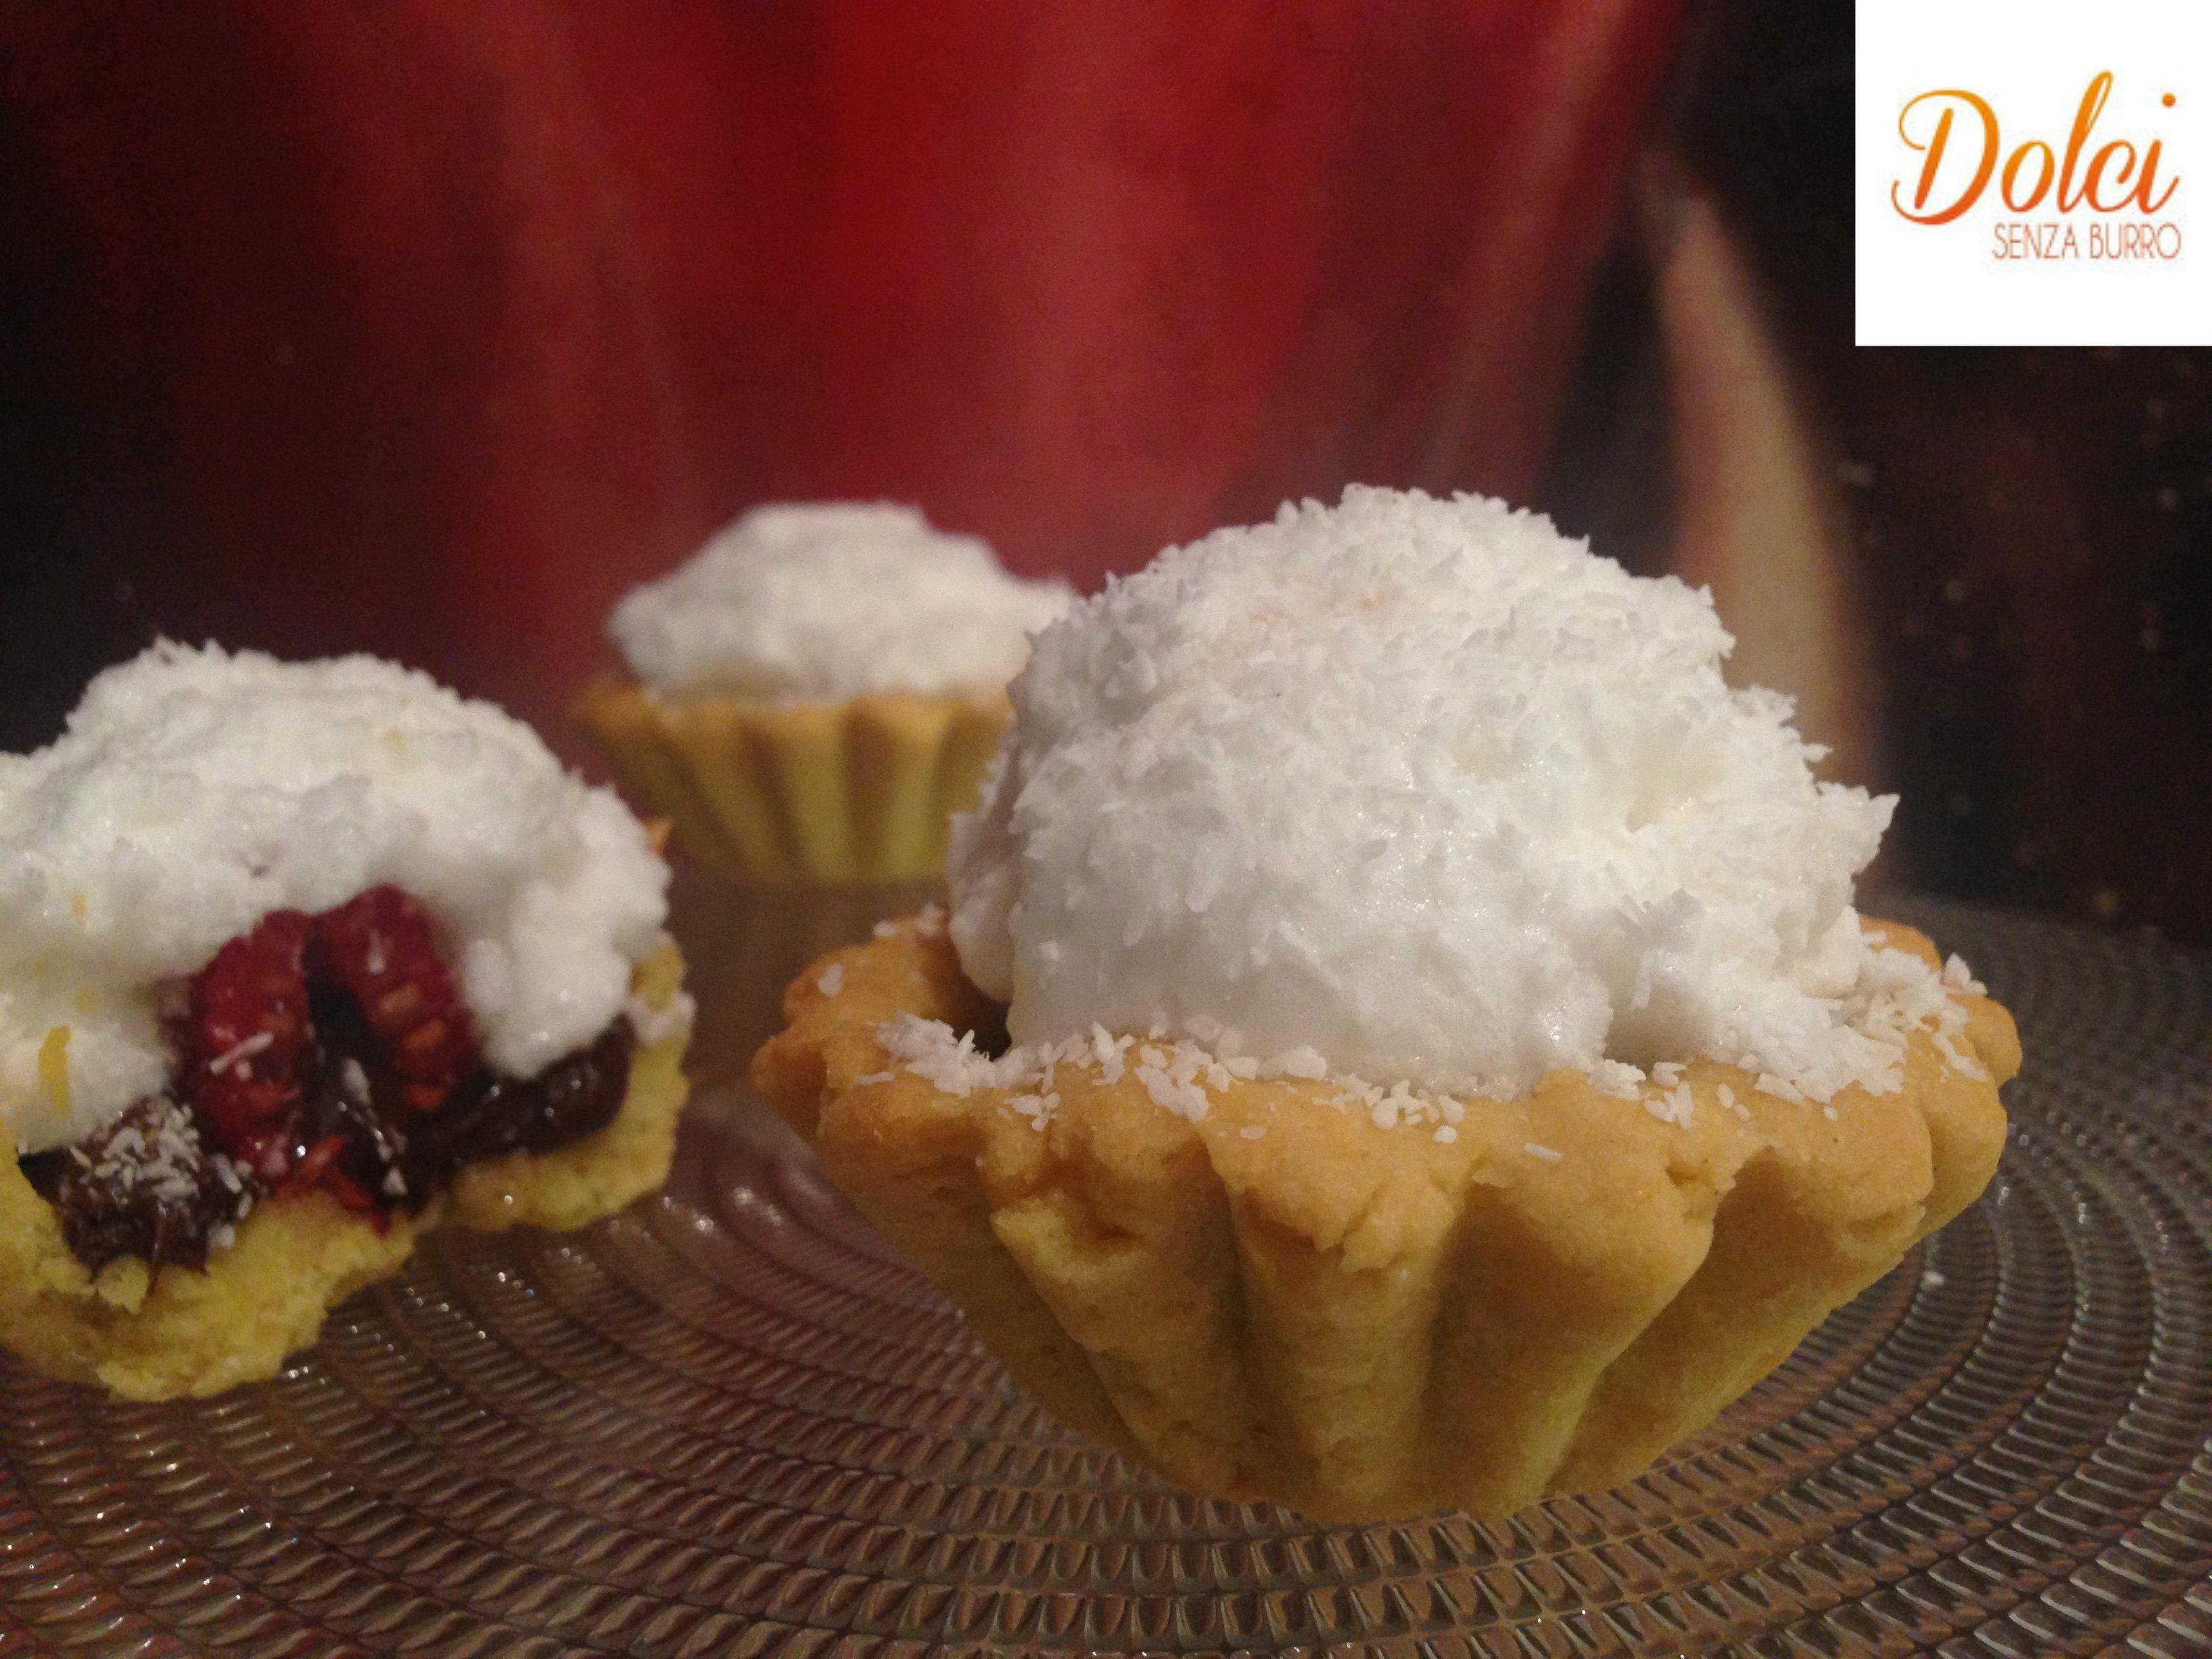 Tartellette ai Lamponi e Cioccolato Senza Burro, realizzate con aceto balsamico da dolci senza burro